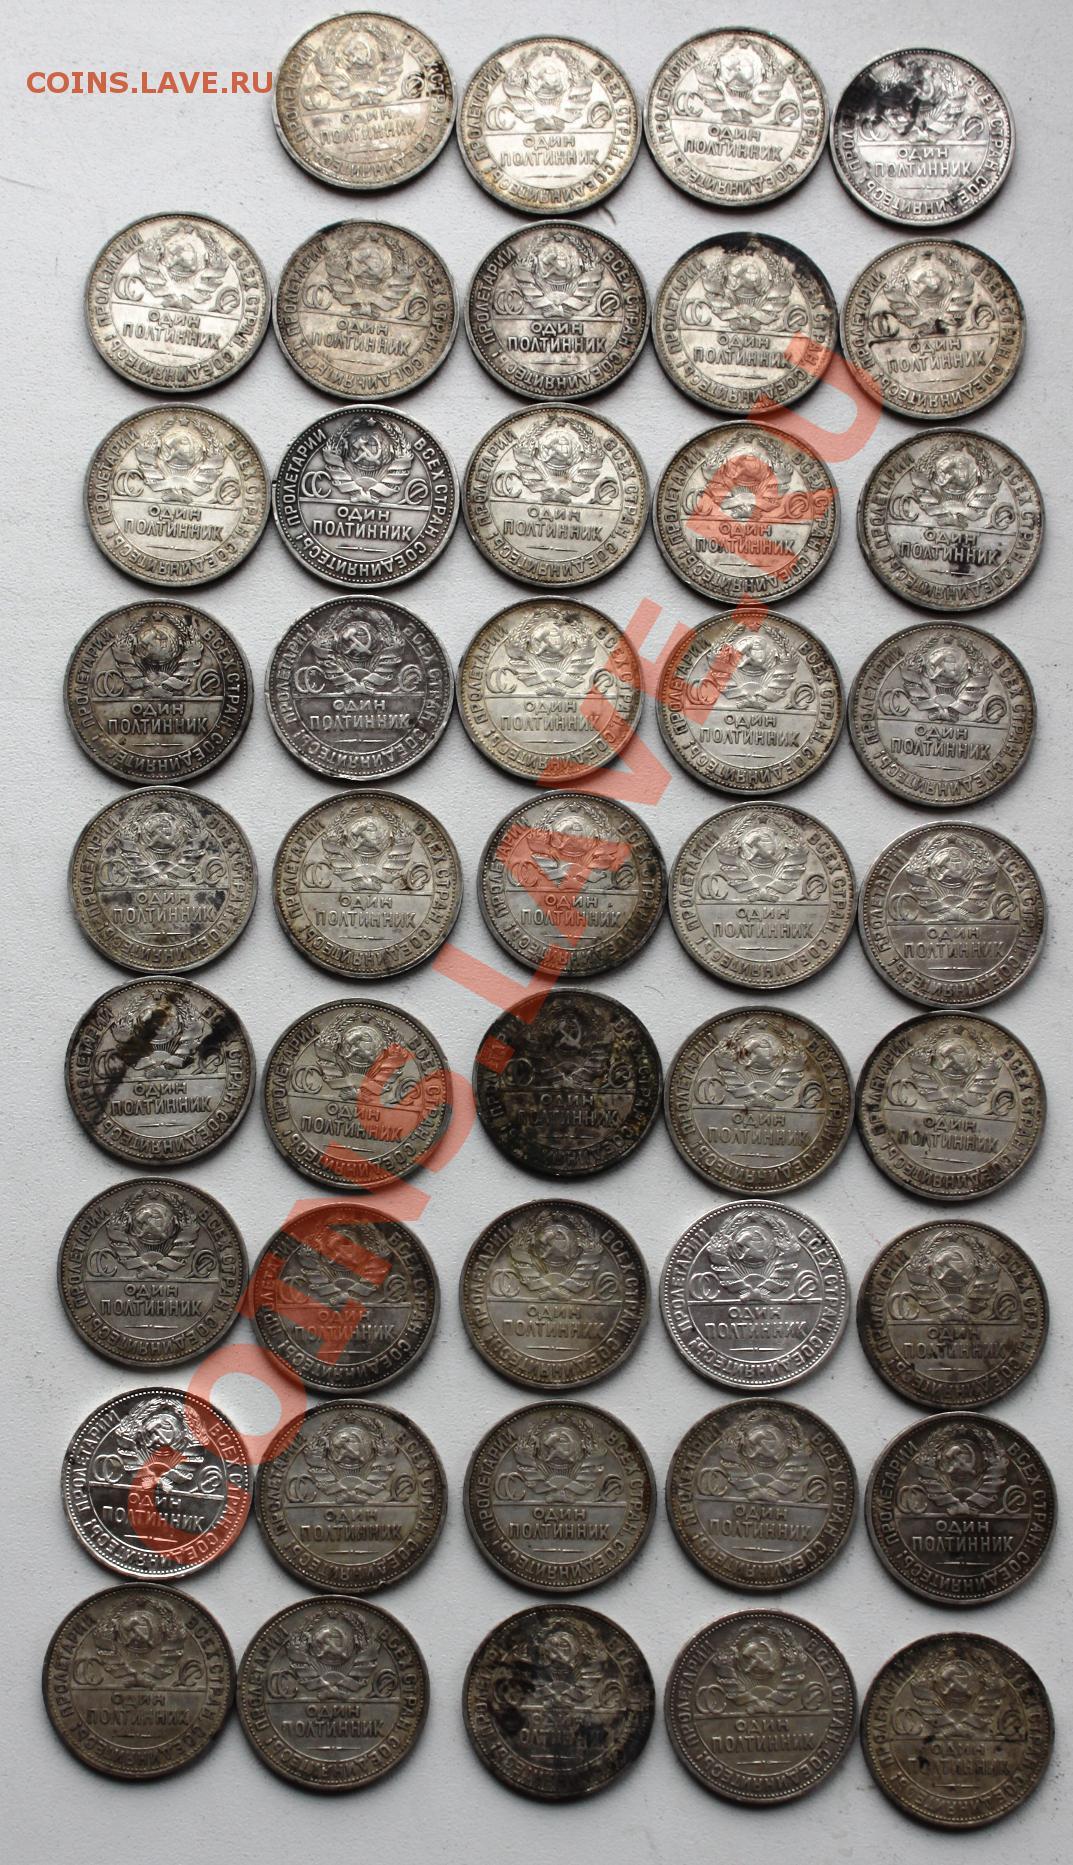 Полтины серебро-из клада-22пл-24пл-24тр-25пл-более 100 штук!.